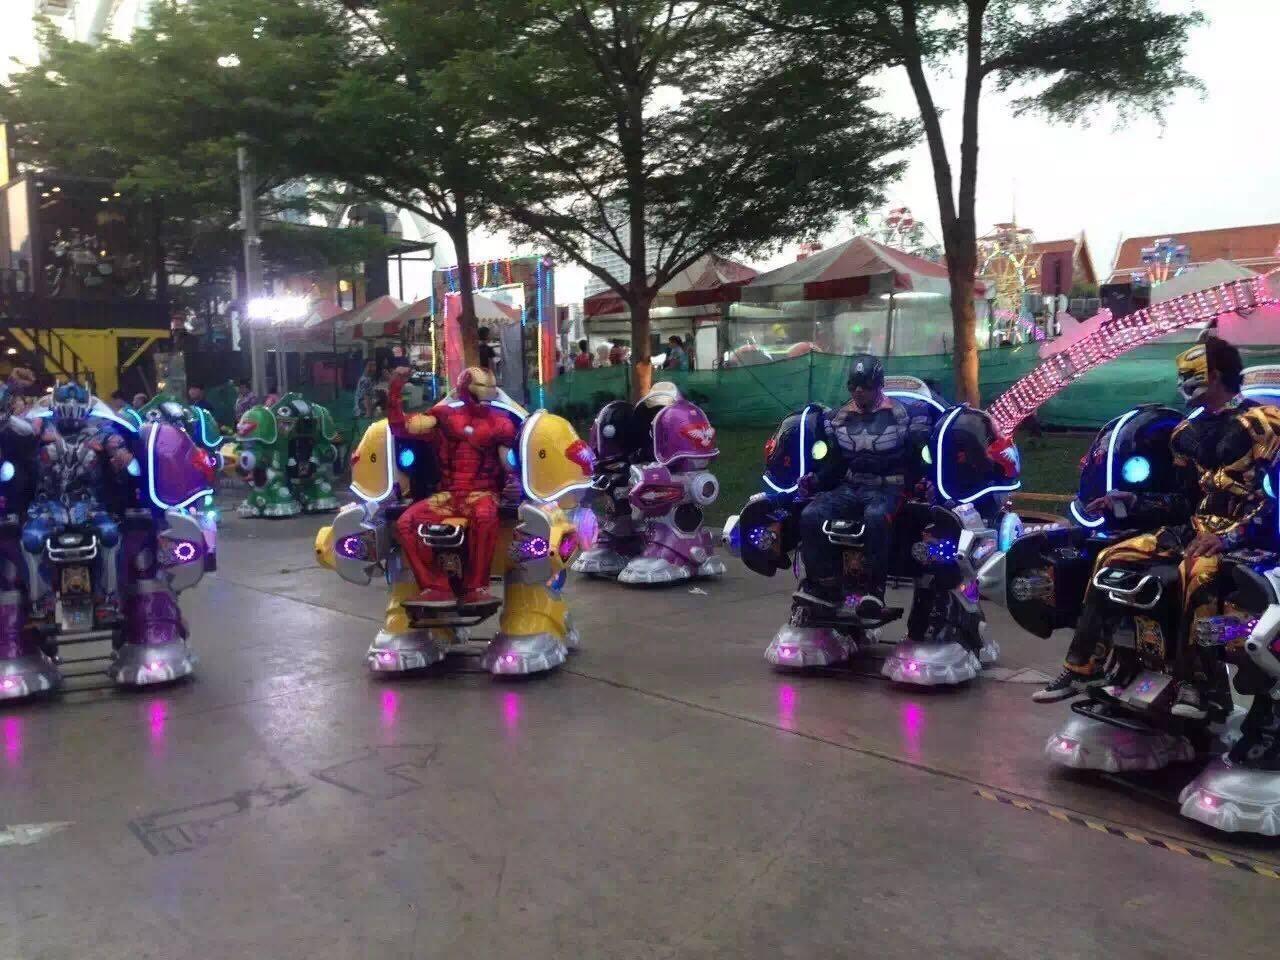 2020大洋游乐重磅推出儿童战火金刚机器人  广场火爆可乐侠机器人示例图12